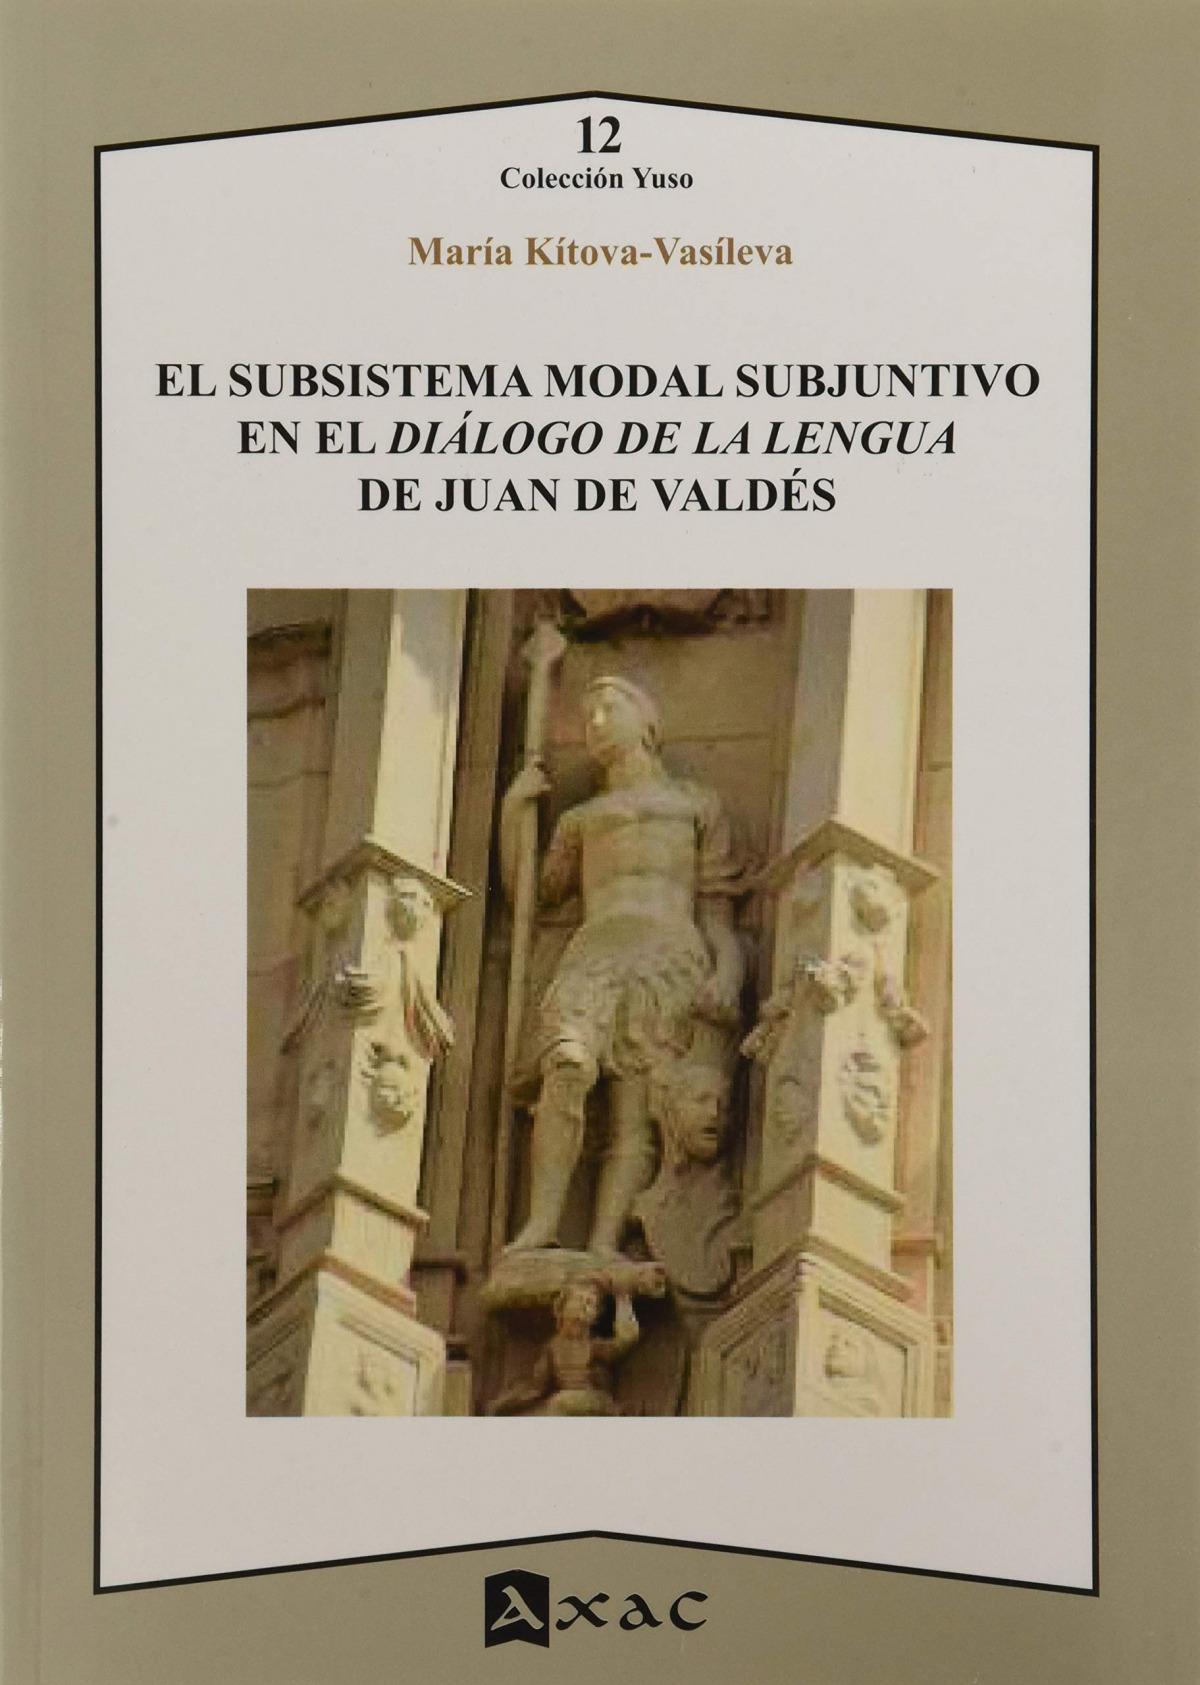 El subsistema modal subjuntivo en el Diálogo de la lengua de Juan de Valdés